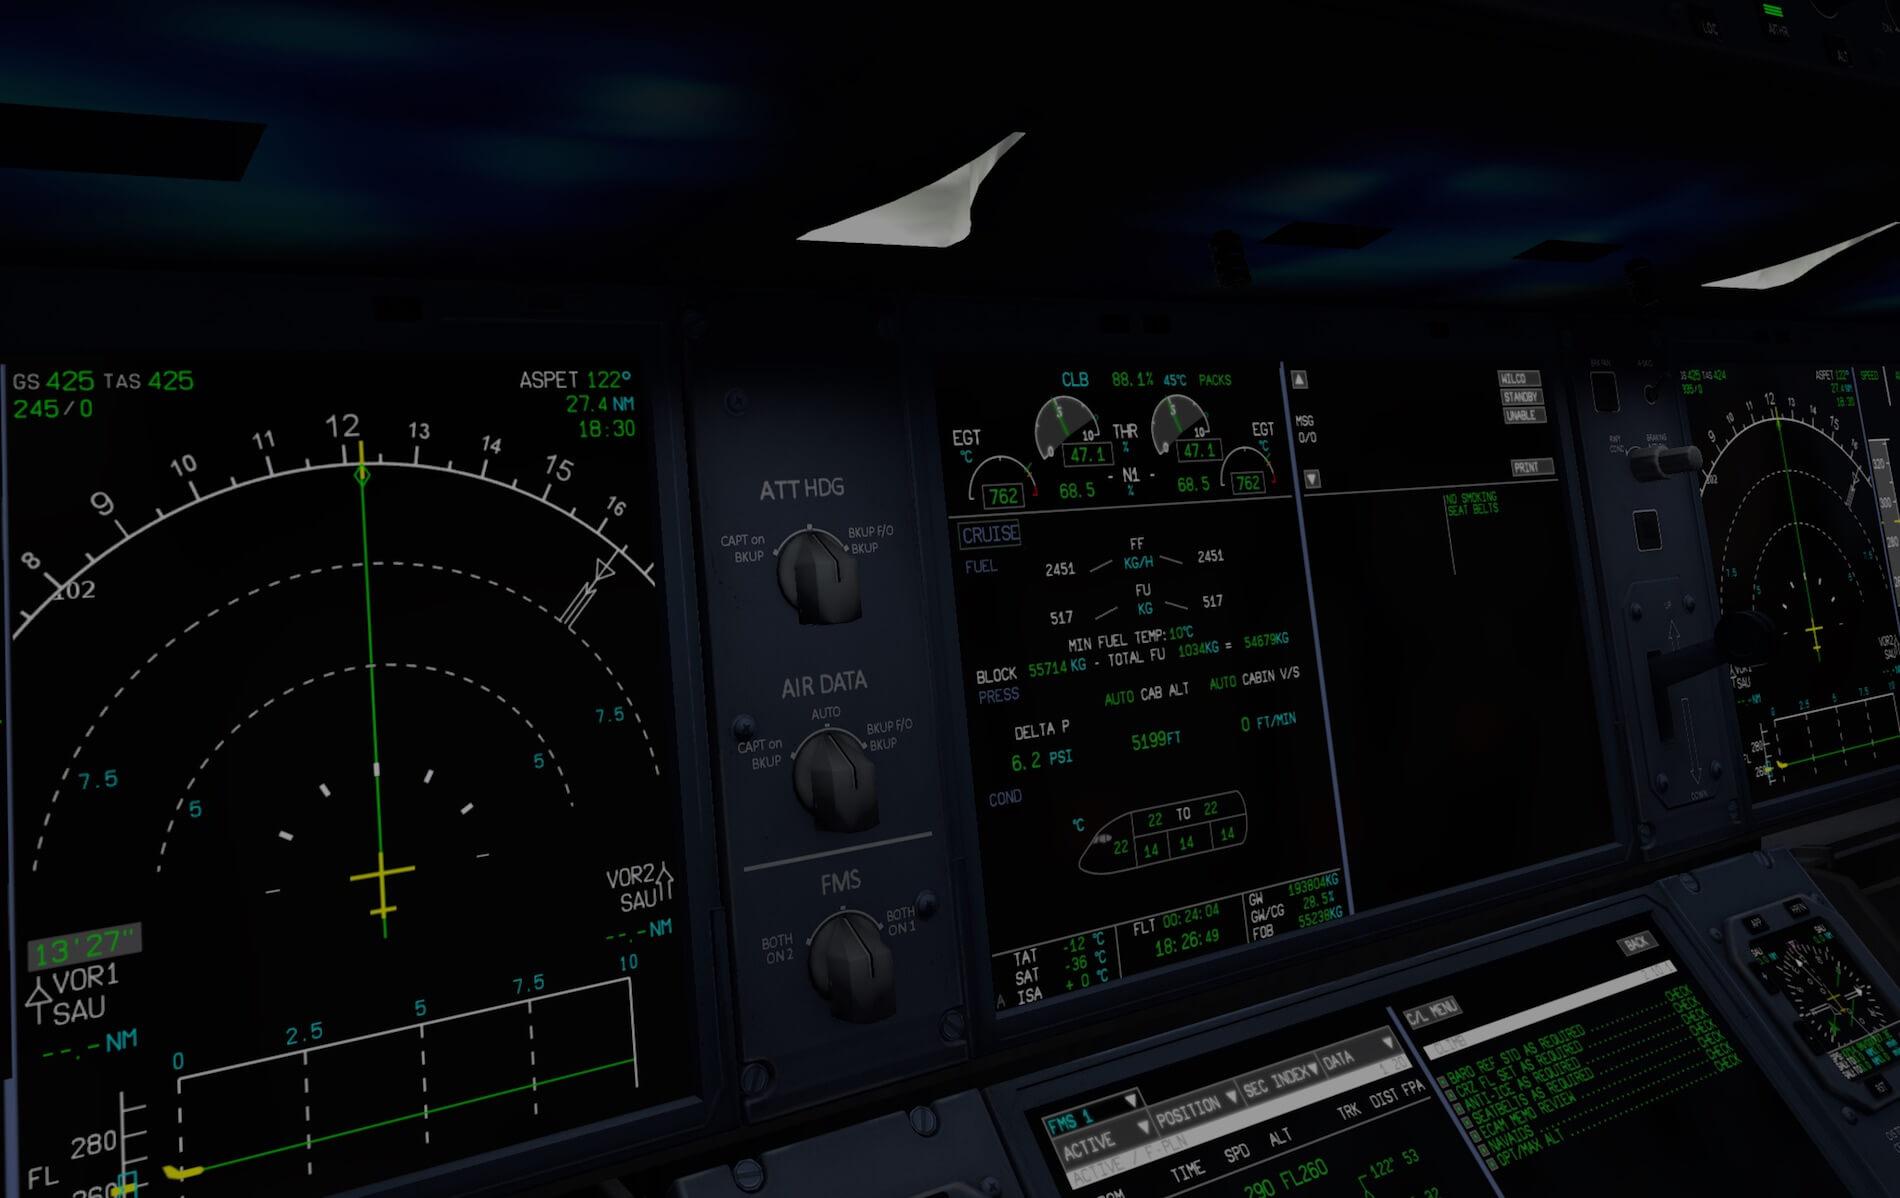 A350_xp11_52